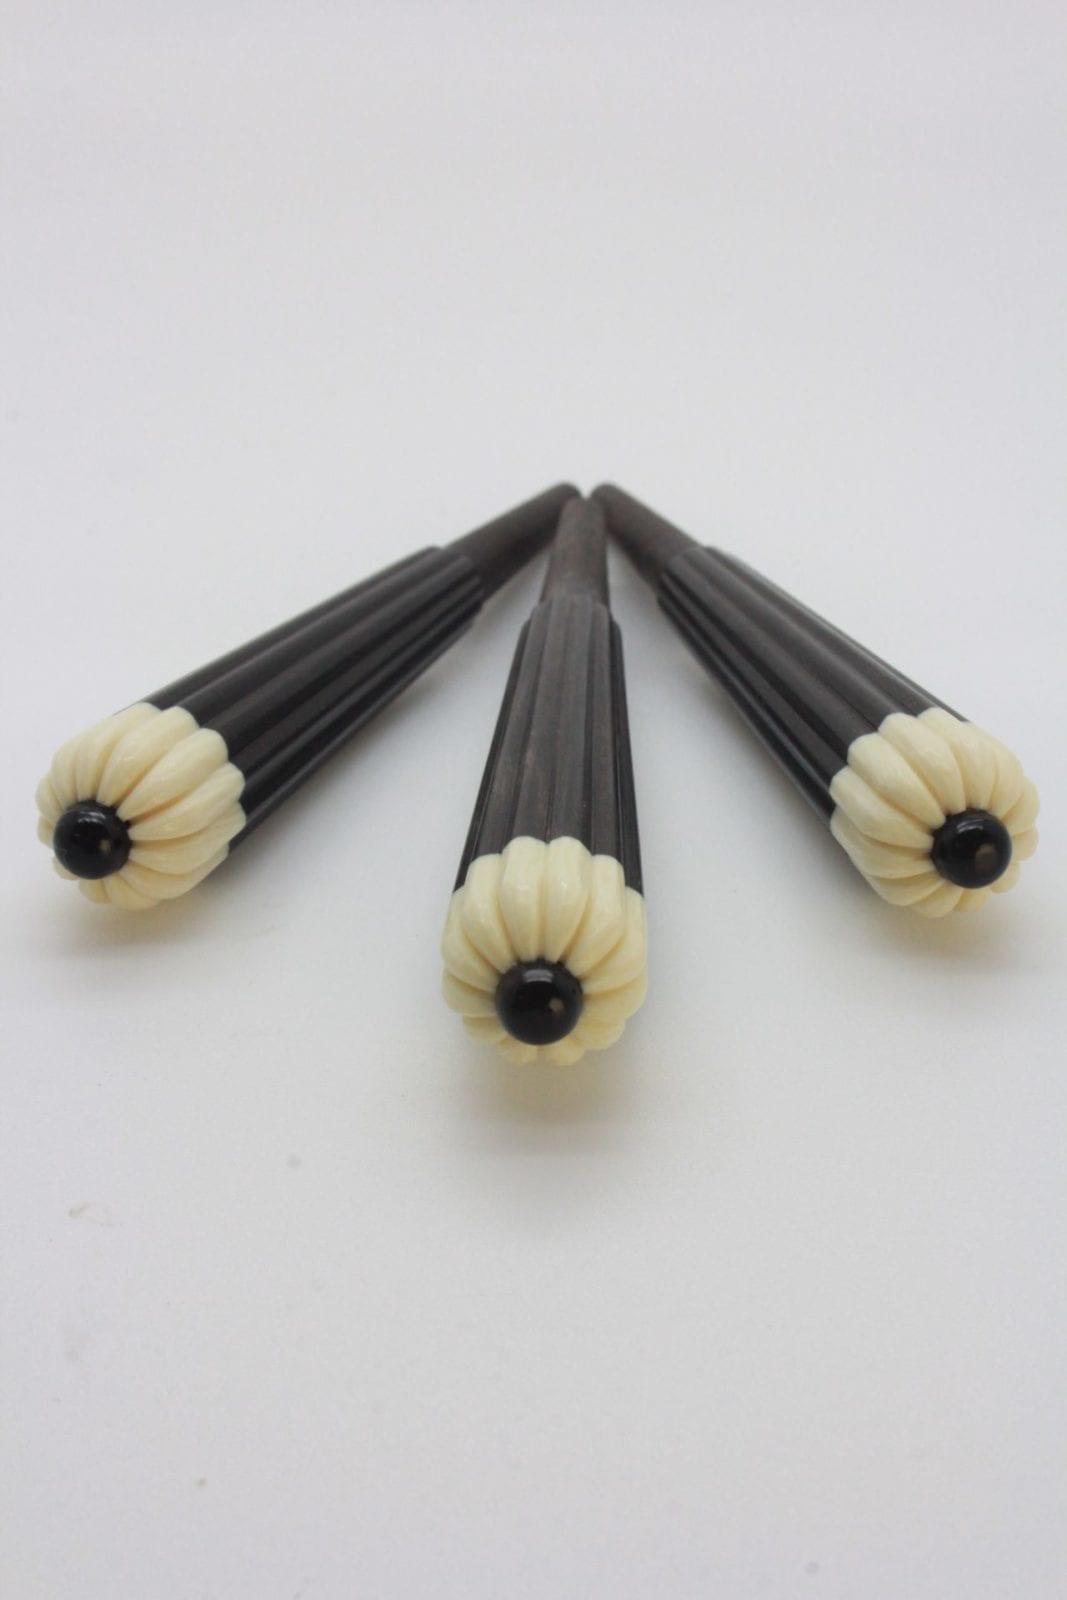 三線 カラクイ (糸巻き) 県内職人製 カンプー 玉黒 3本セット